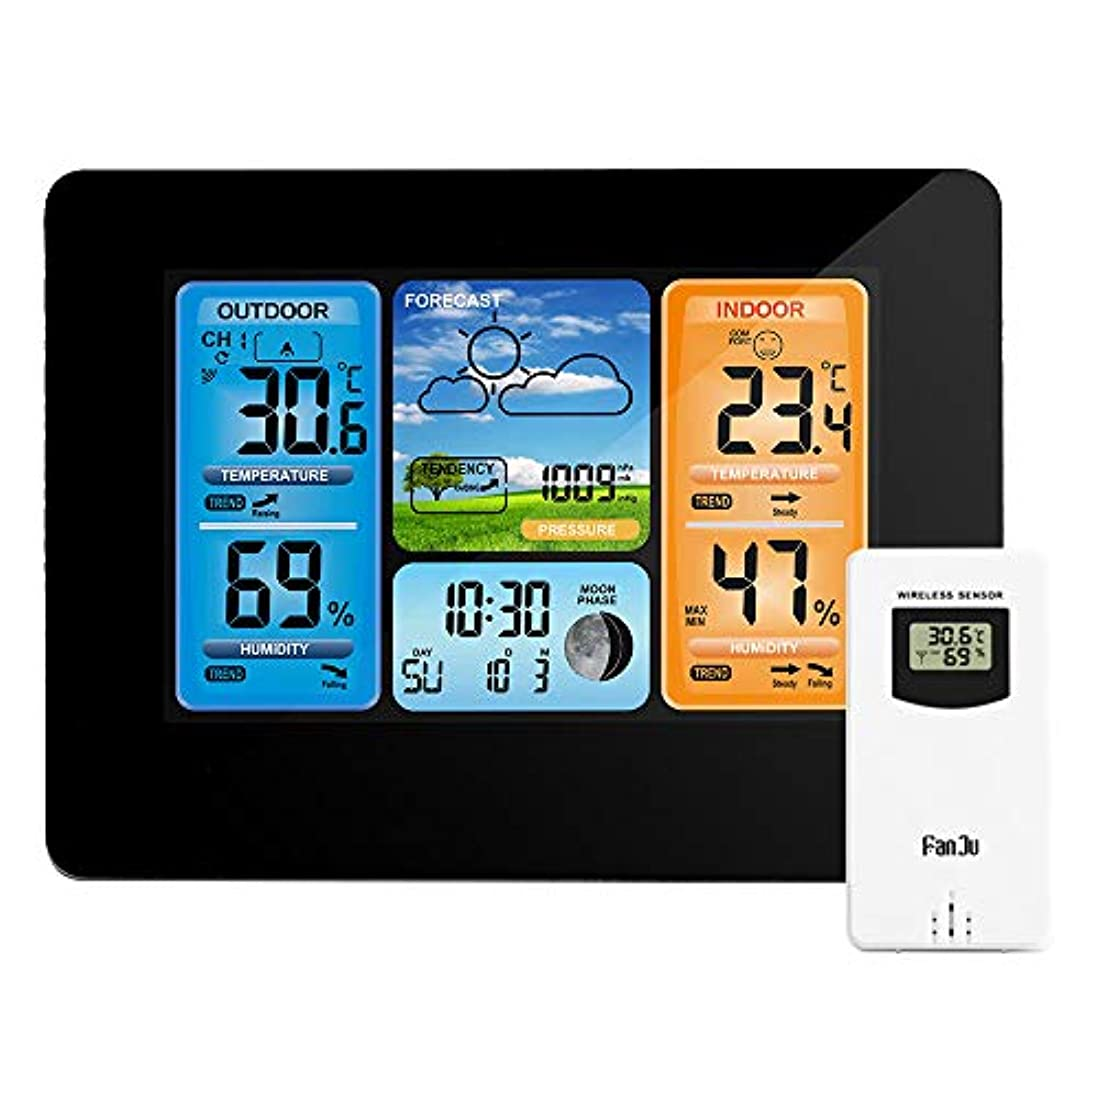 エンジンしたがって磁器天気ステーションデジタル温度計湿度計ワイヤレスセンサー予測温度時計ウォールデスク目覚まし時計